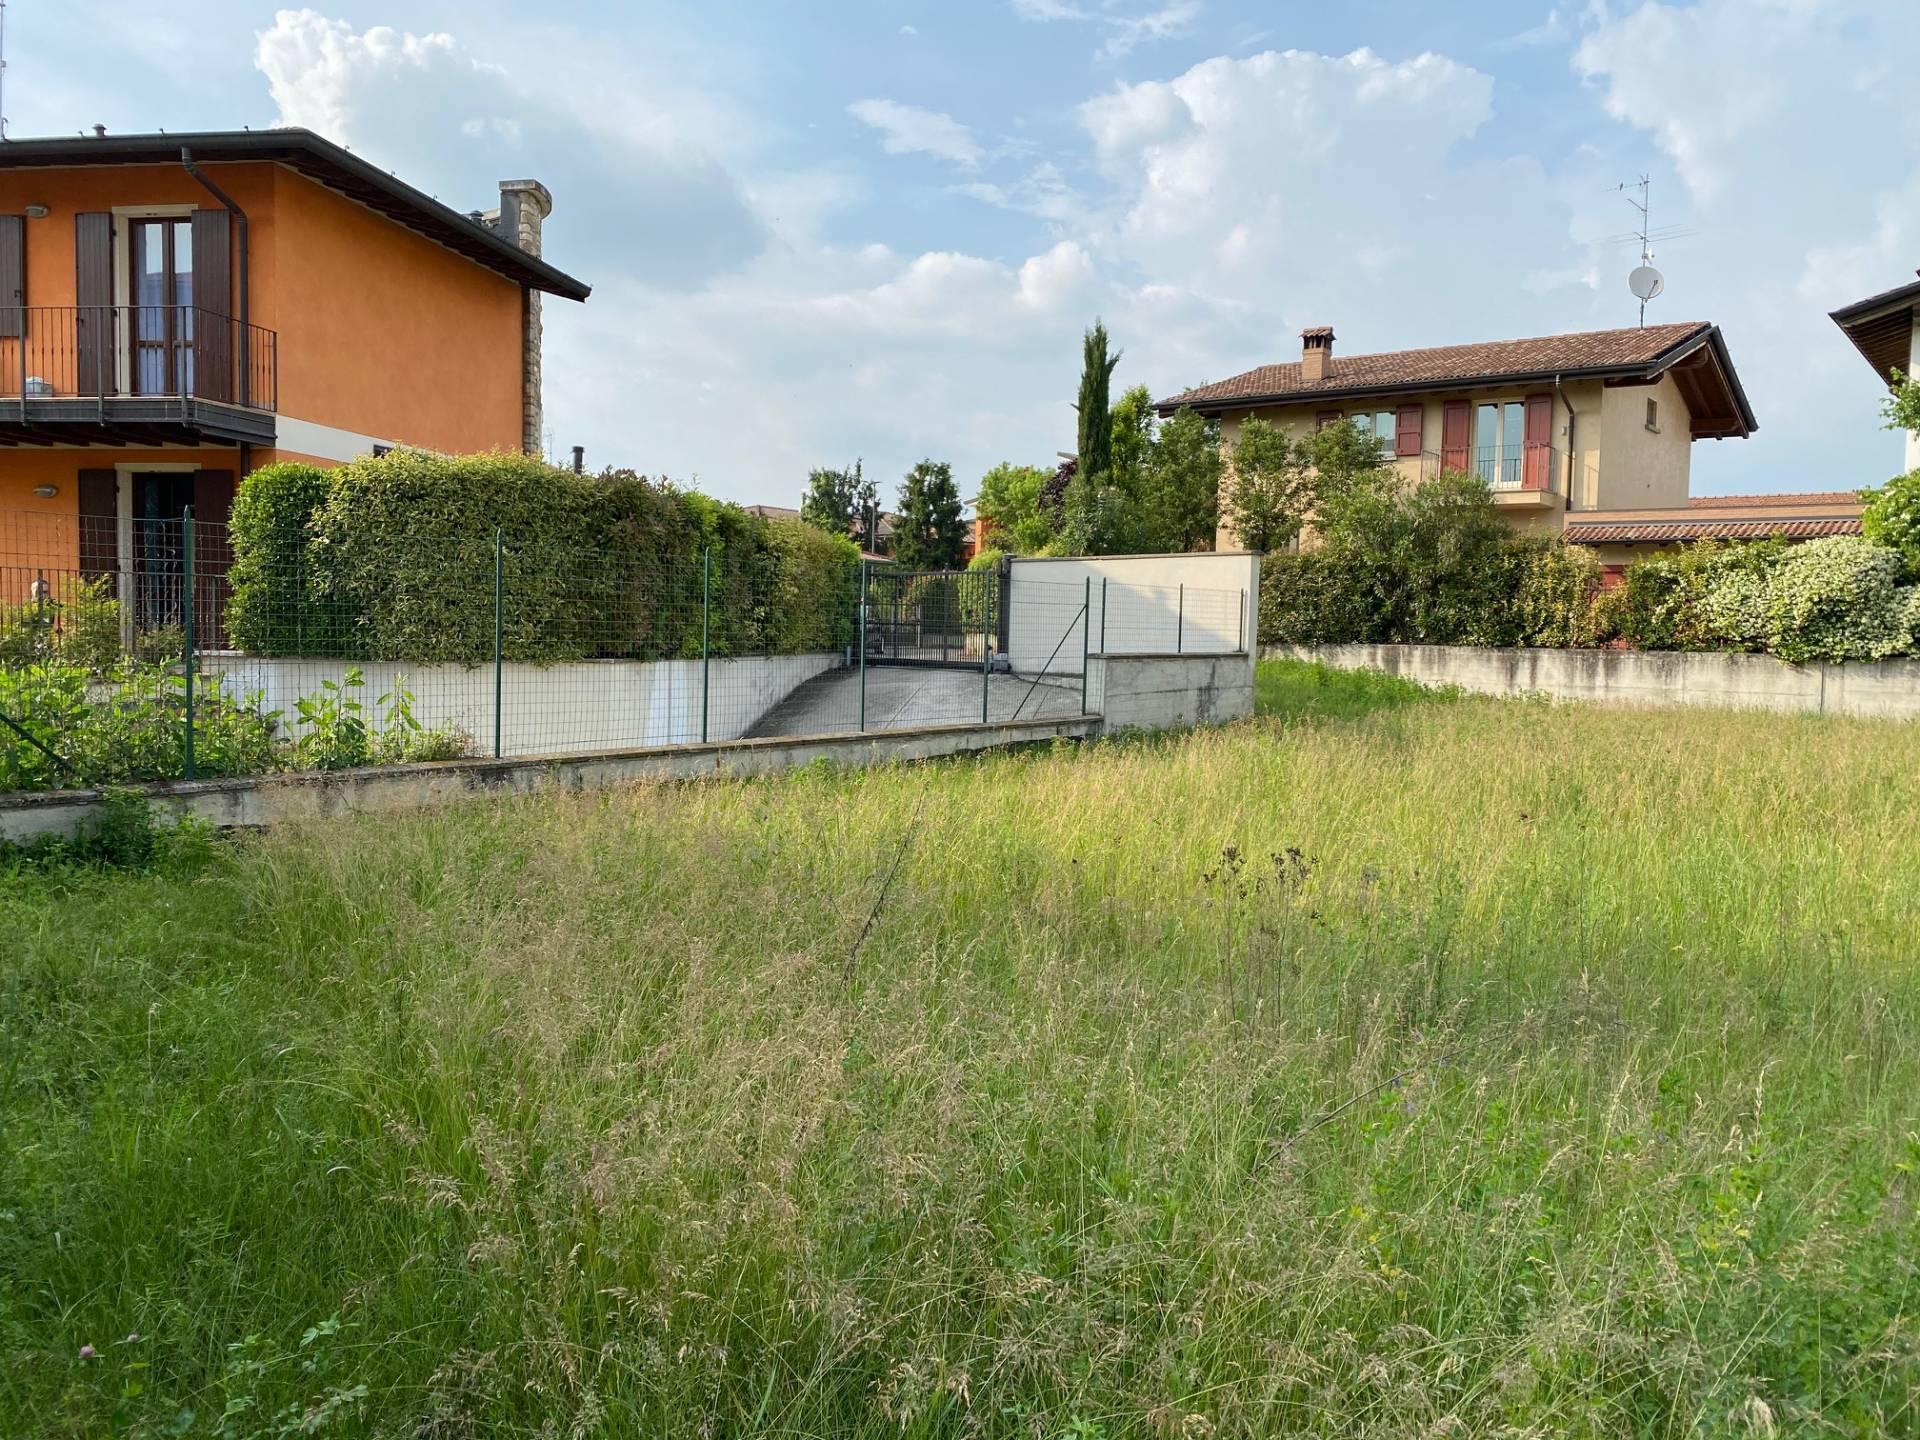 Terreno Edificabile Residenziale in vendita a Palazzolo sull'Oglio, 9999 locali, prezzo € 129.900 | PortaleAgenzieImmobiliari.it